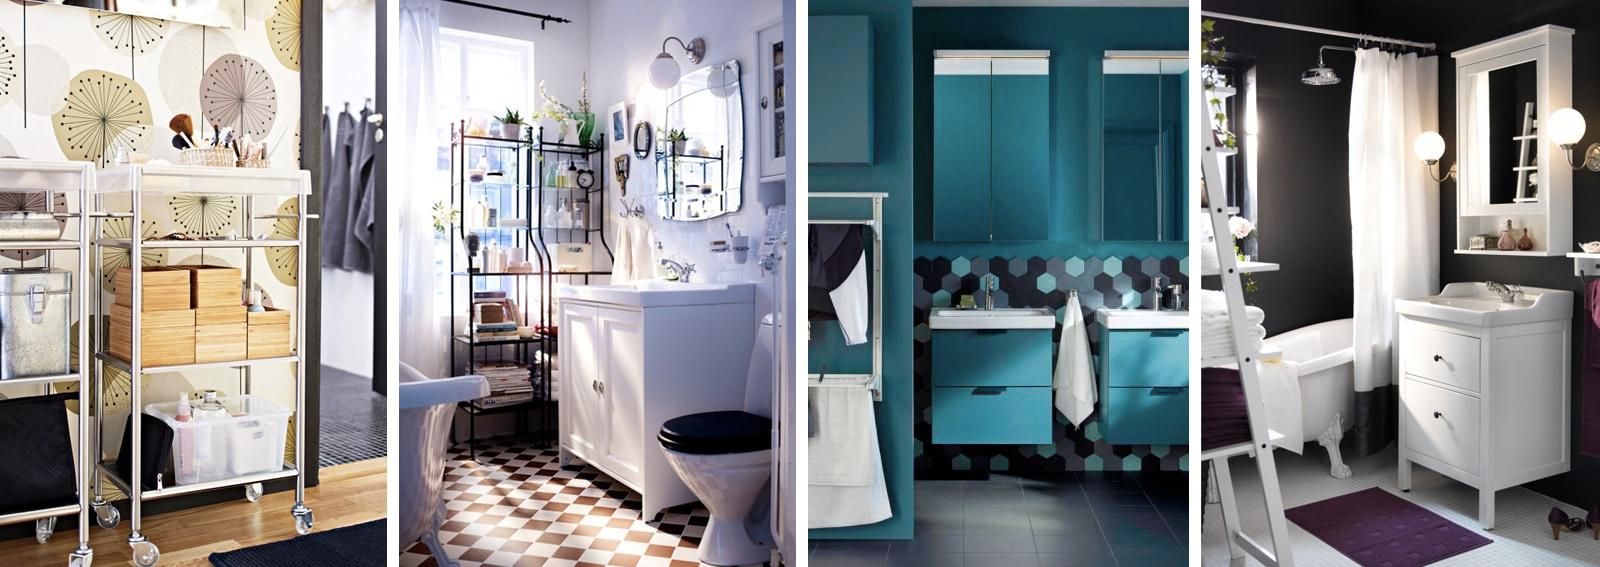 Mobile Bagno Ikea Immagini 10 idee per arredare il bagno con ikea - grazia.it